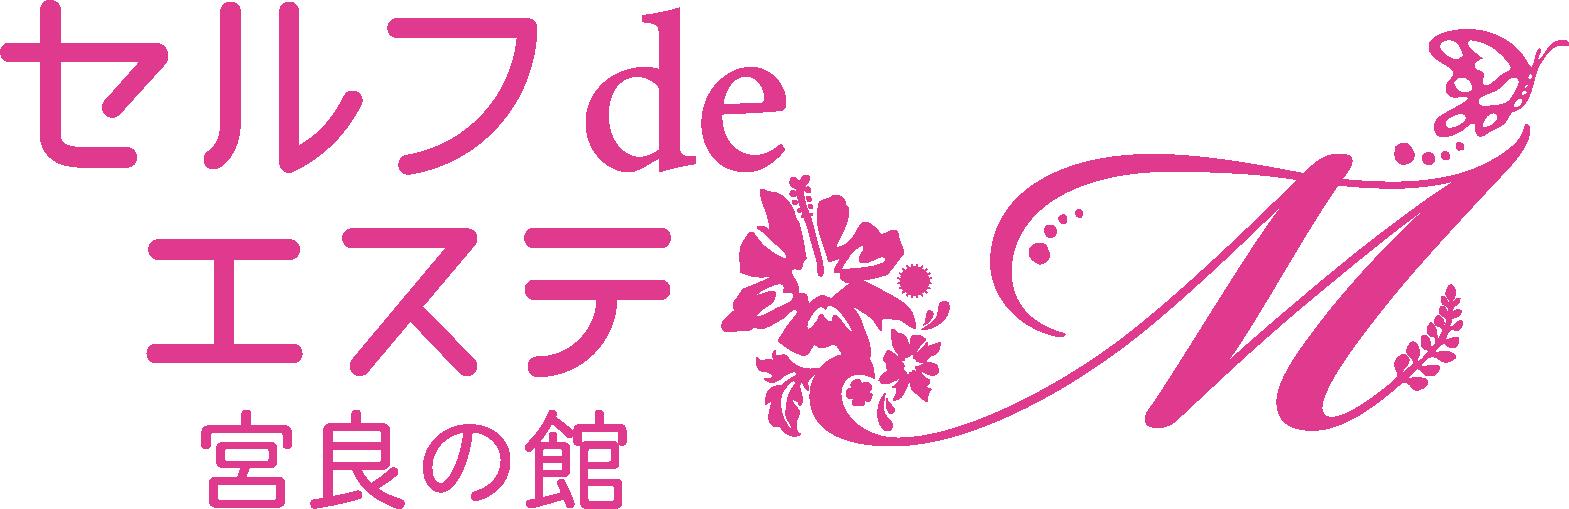 沖縄のセルフエステ セルフdeエステ宮良の館